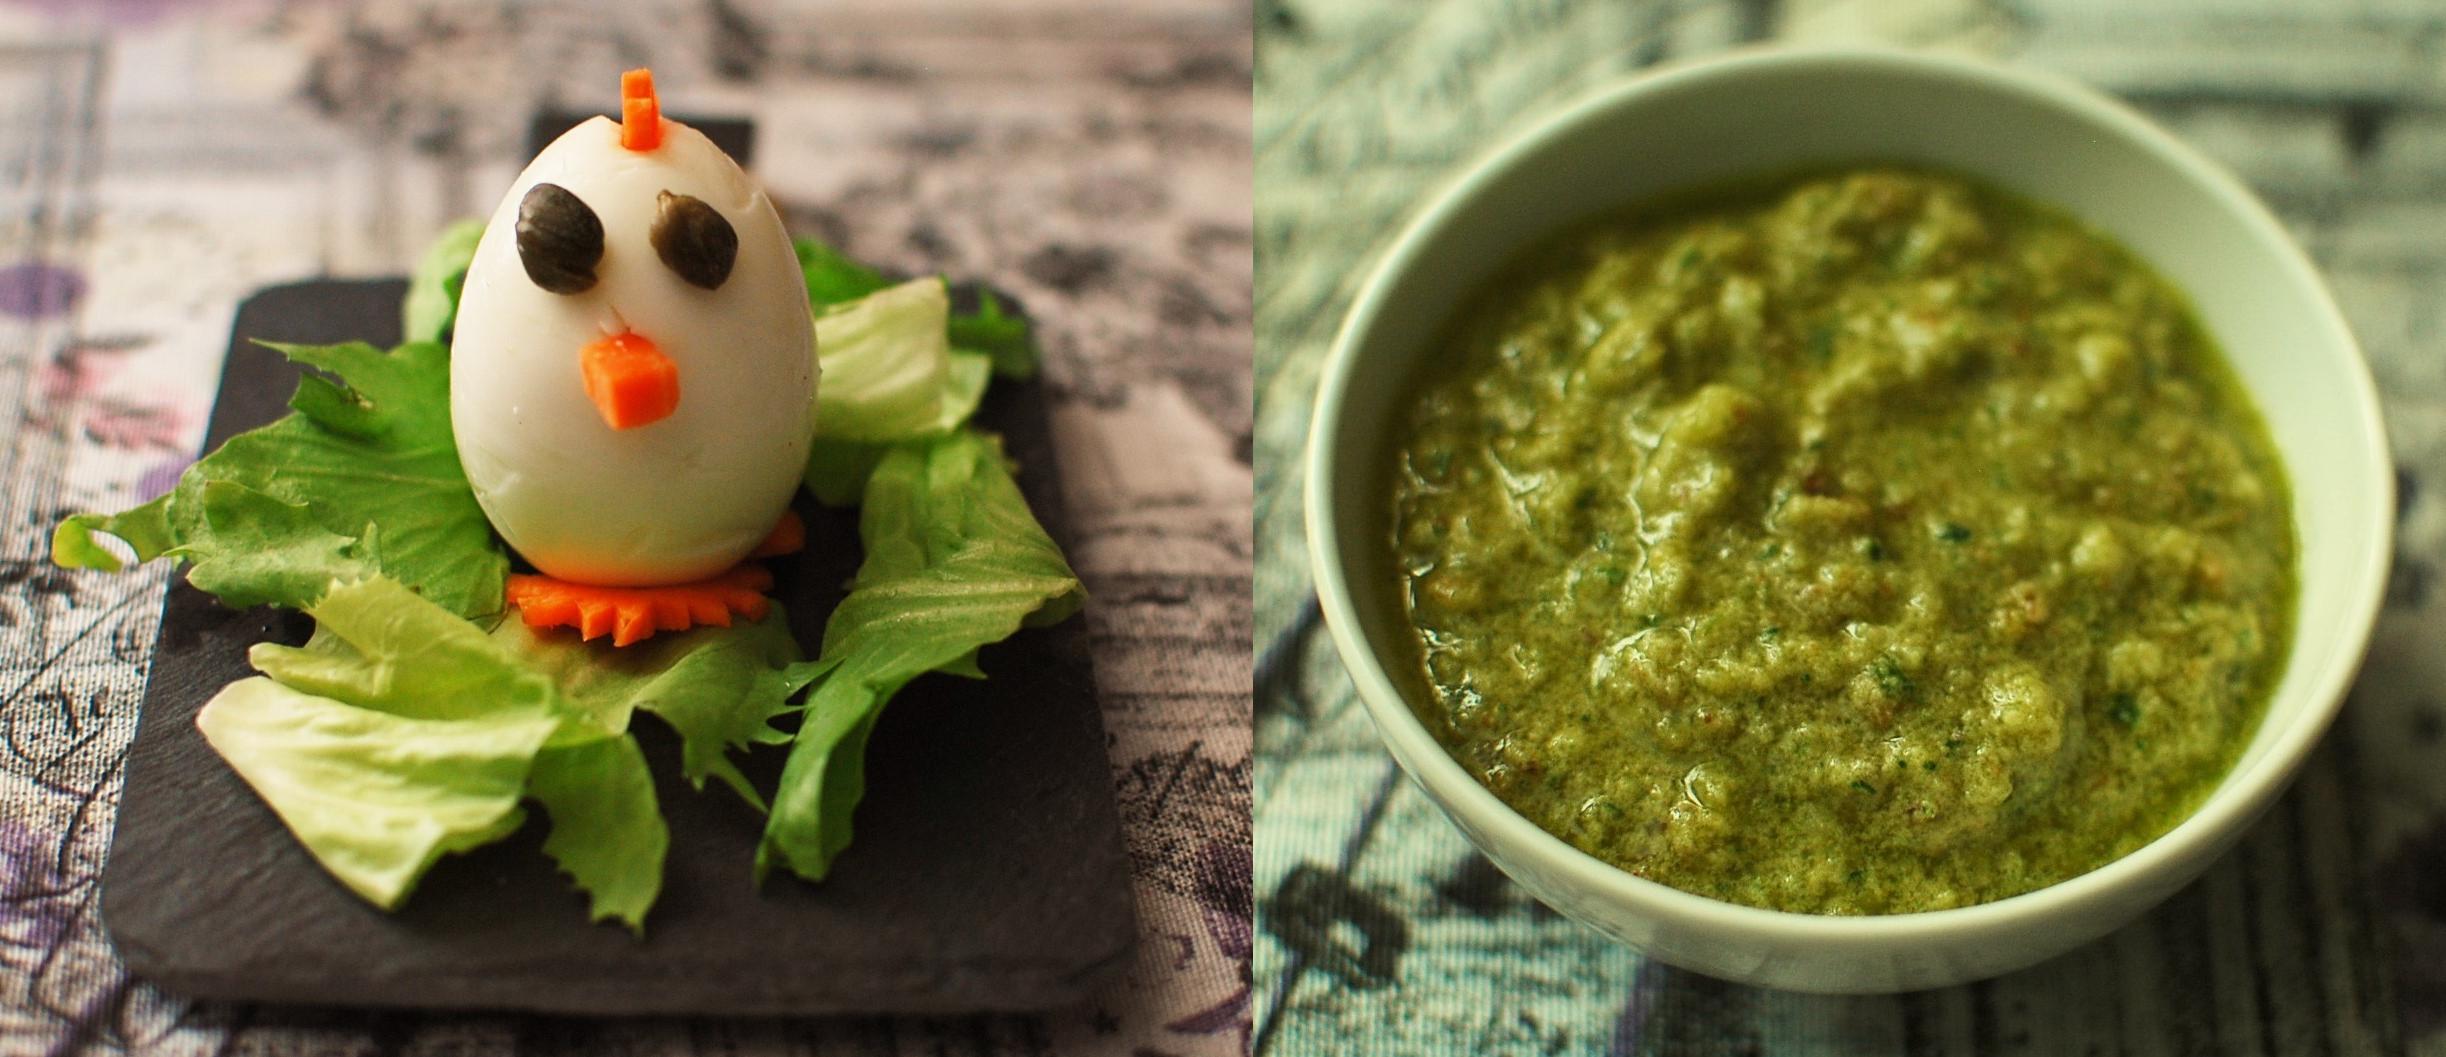 Ricetta Uova Sode Bimby.Uova Sode In Salsa Ricetta Per Bimby E Arrivato Un Amico In Cucina